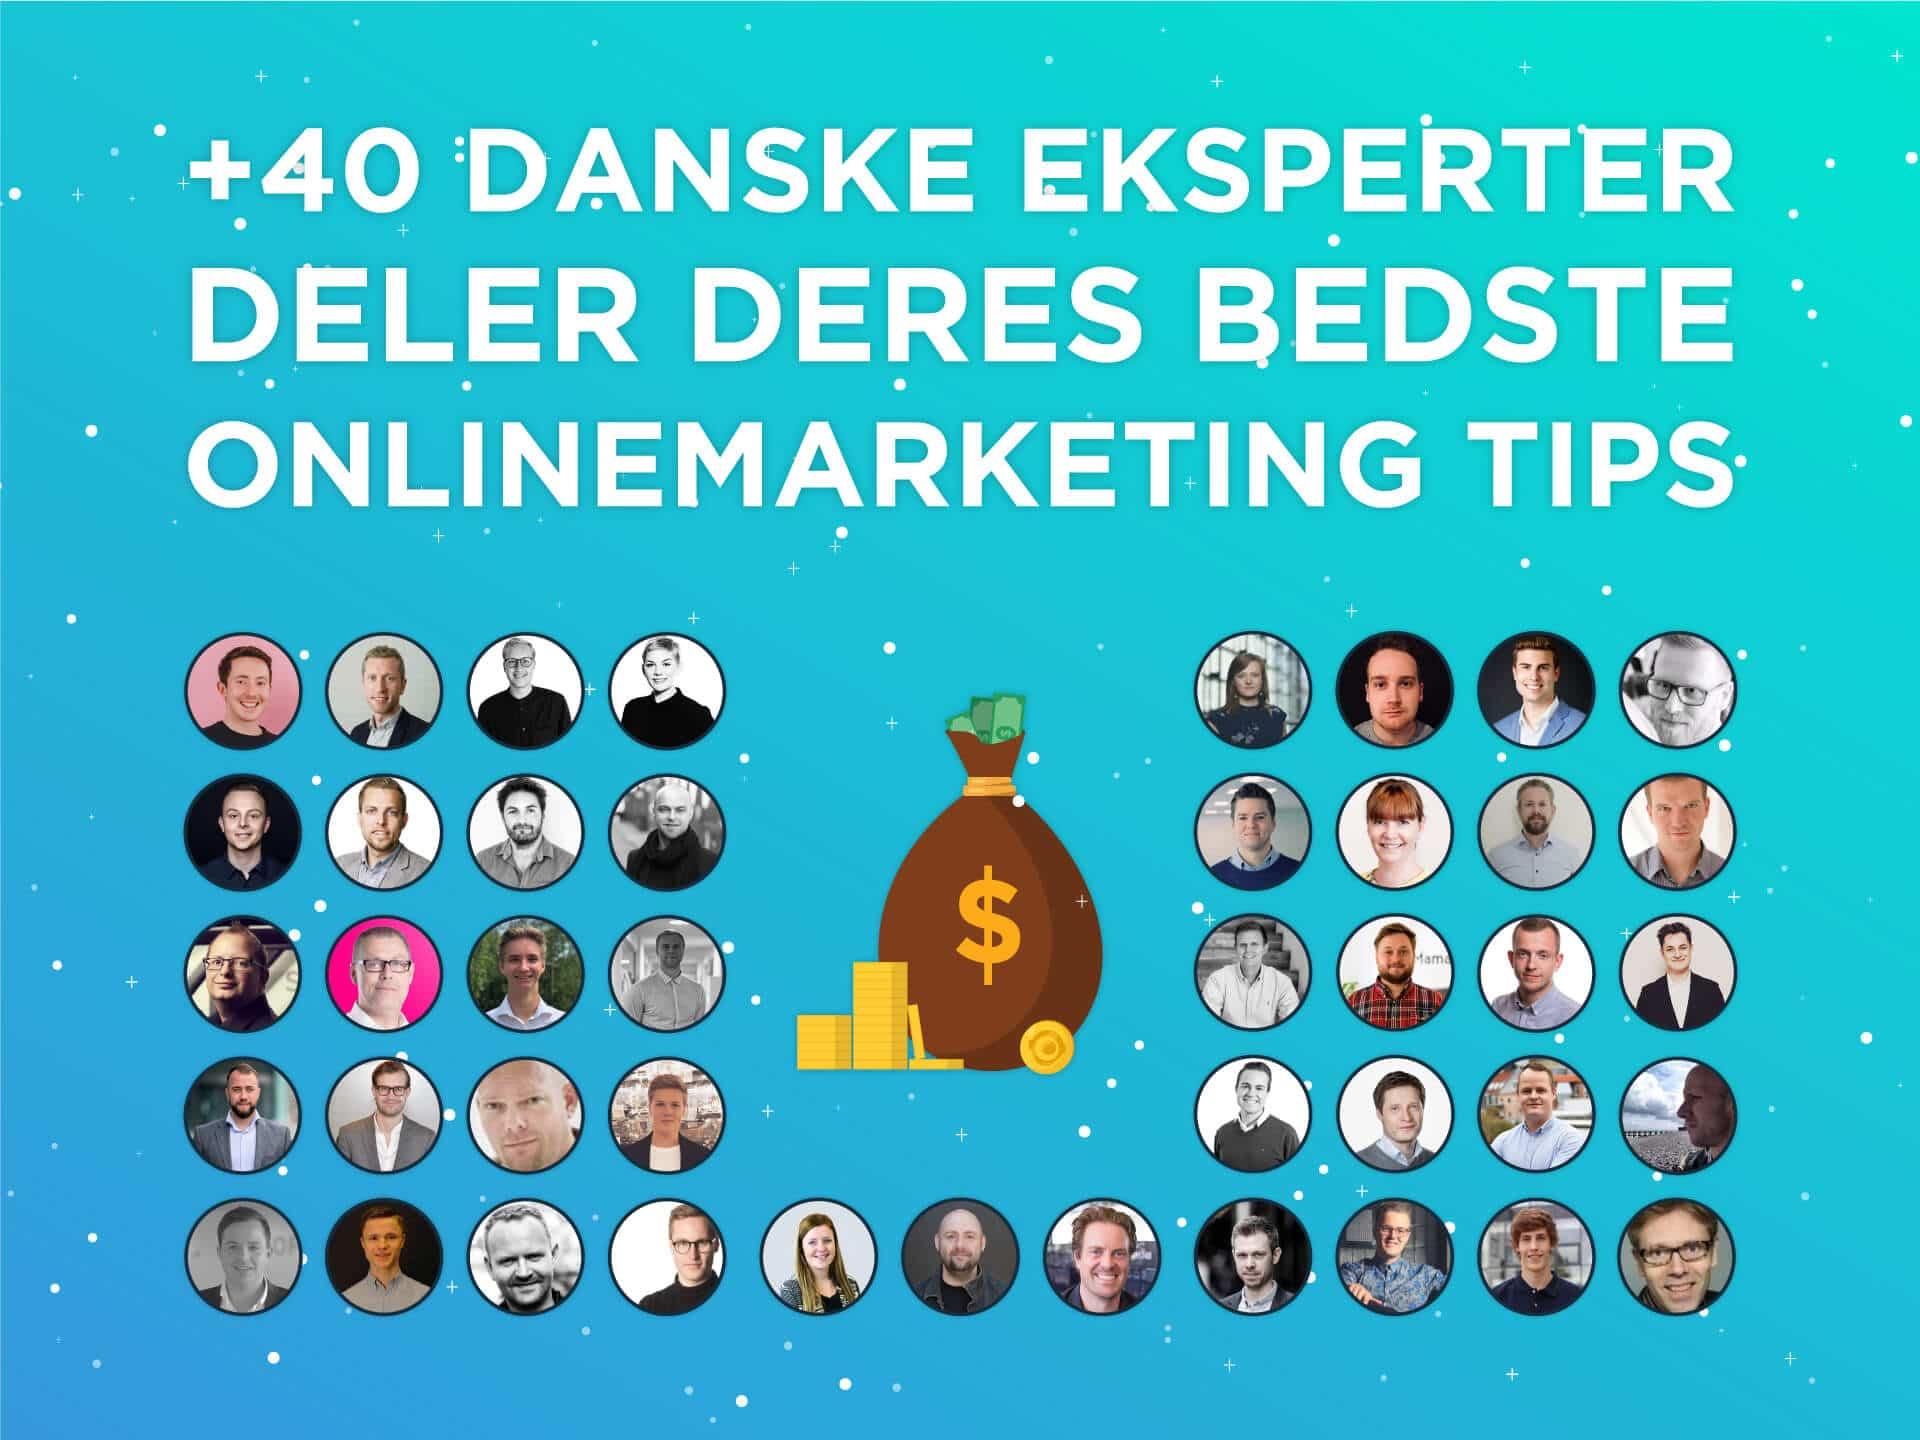 danske eksperter deler onlinemarketing tips for vækst